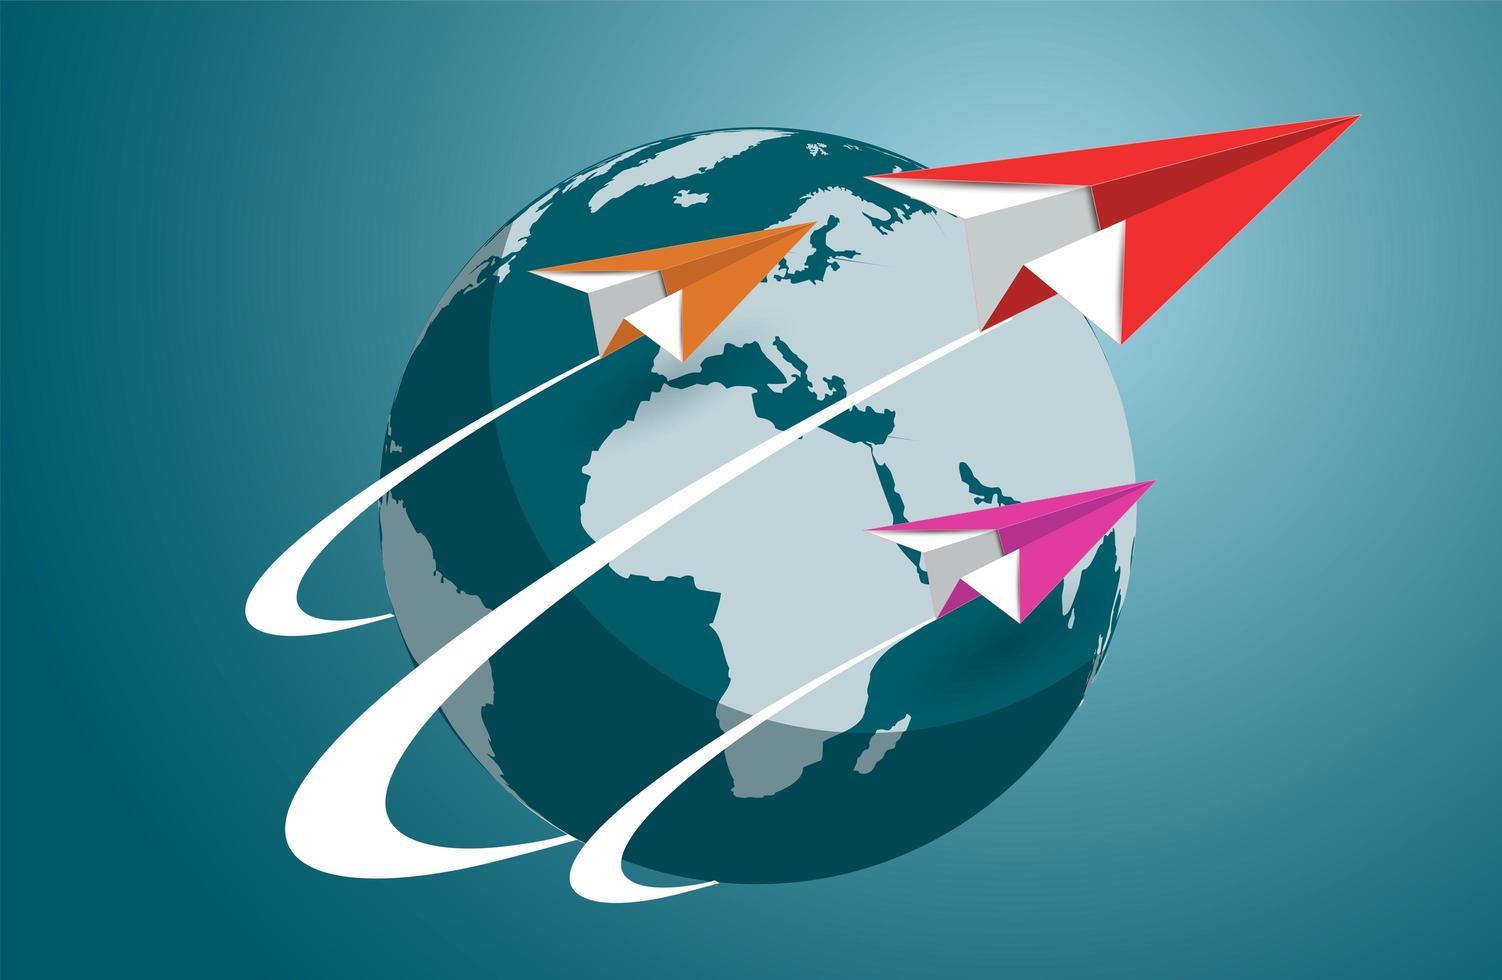 aerei di carta che volano intorno al mondo vettore